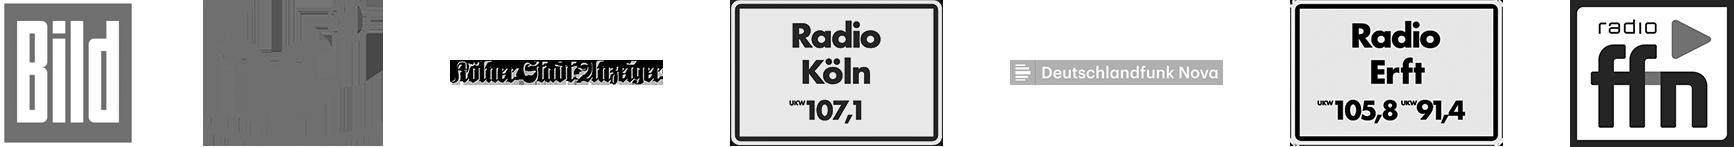 Trauredner Köln martinredet ist TV-Experte und bekannt aus